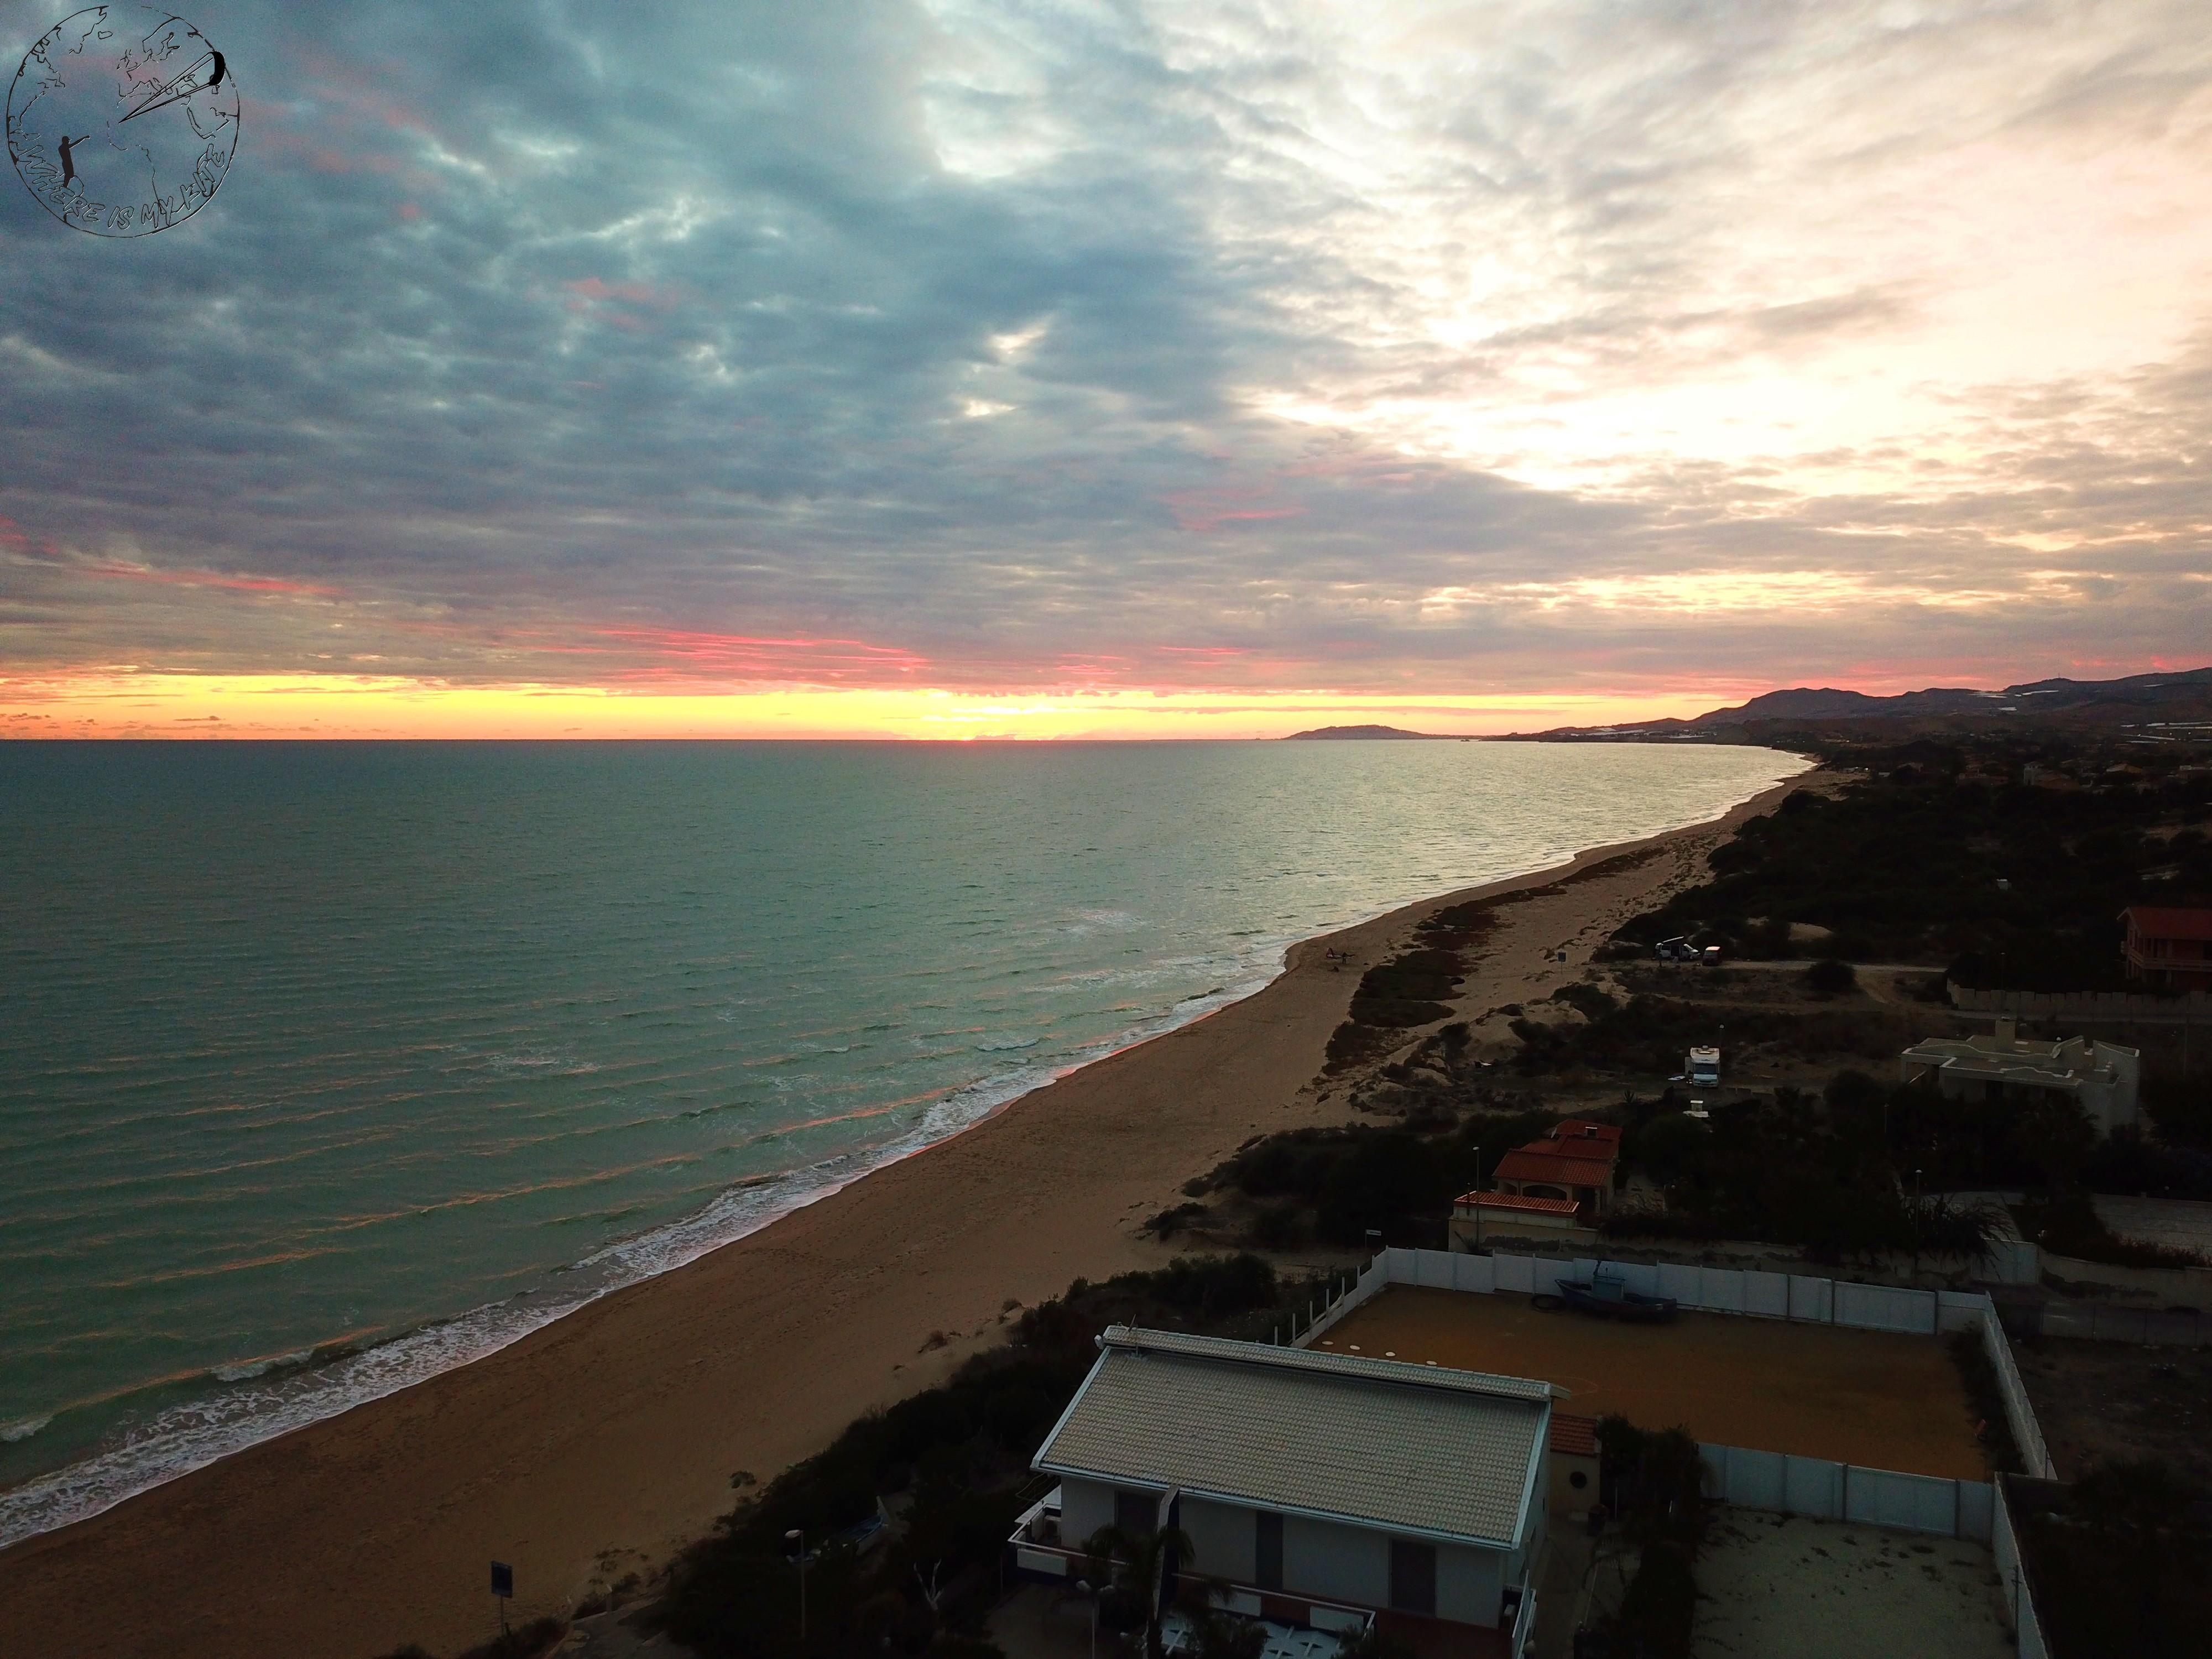 Sunset sur le spot de kite de Manfria en Sicile, Italie